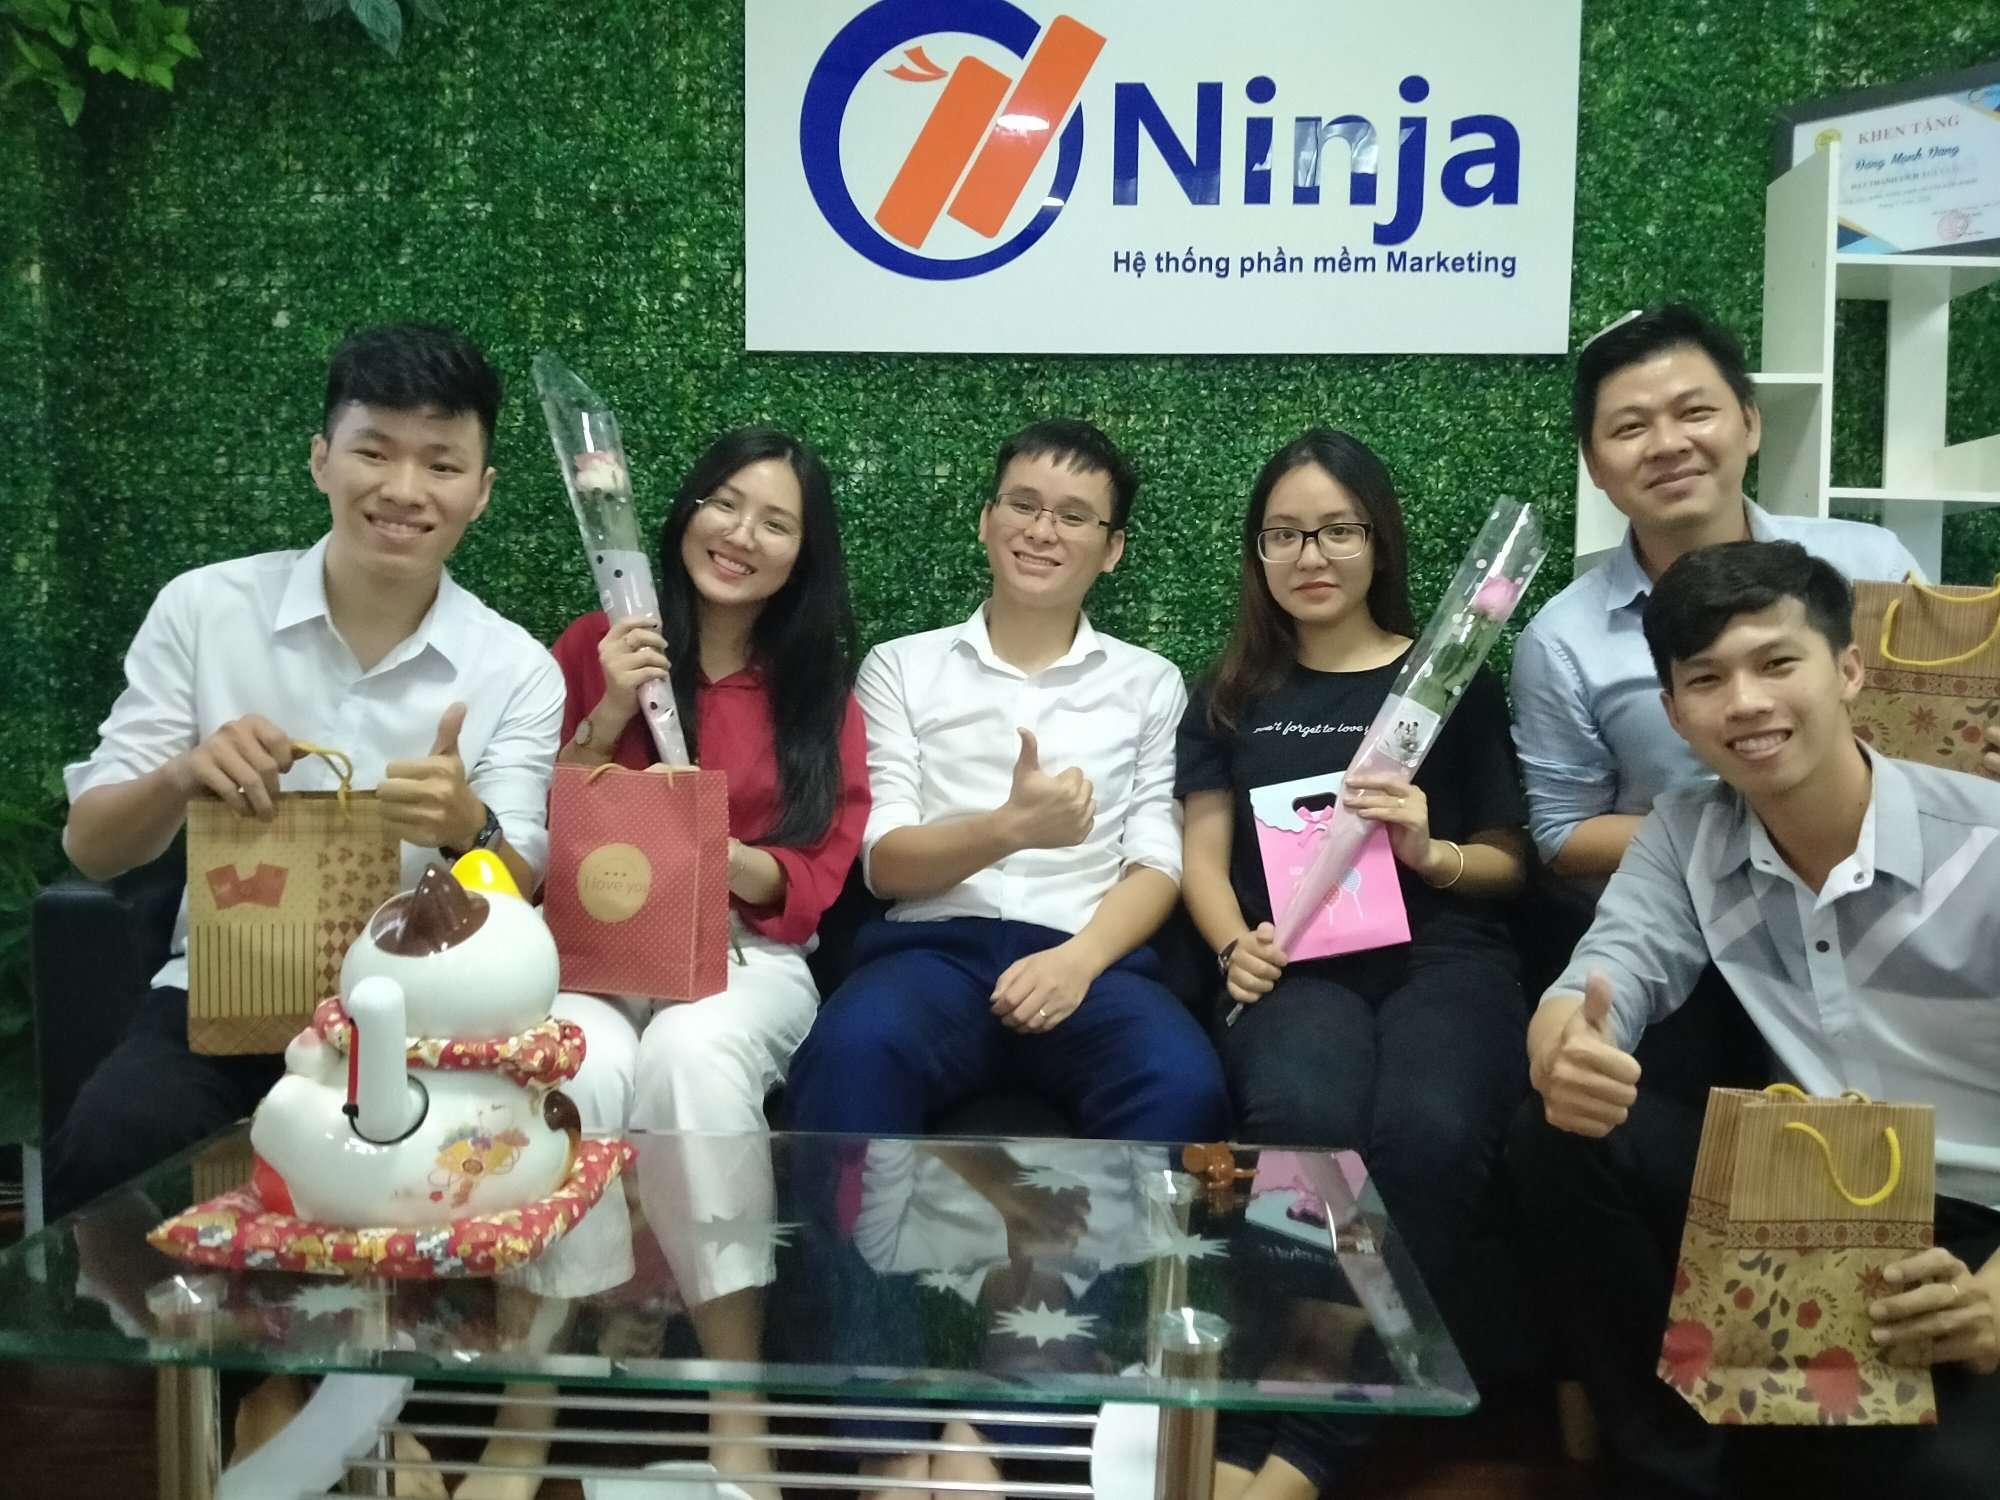 Phần mềm Ninja: Đại tiệc sinh nhật thành viên tháng 10 với nhiều bất ngờ, thú vị